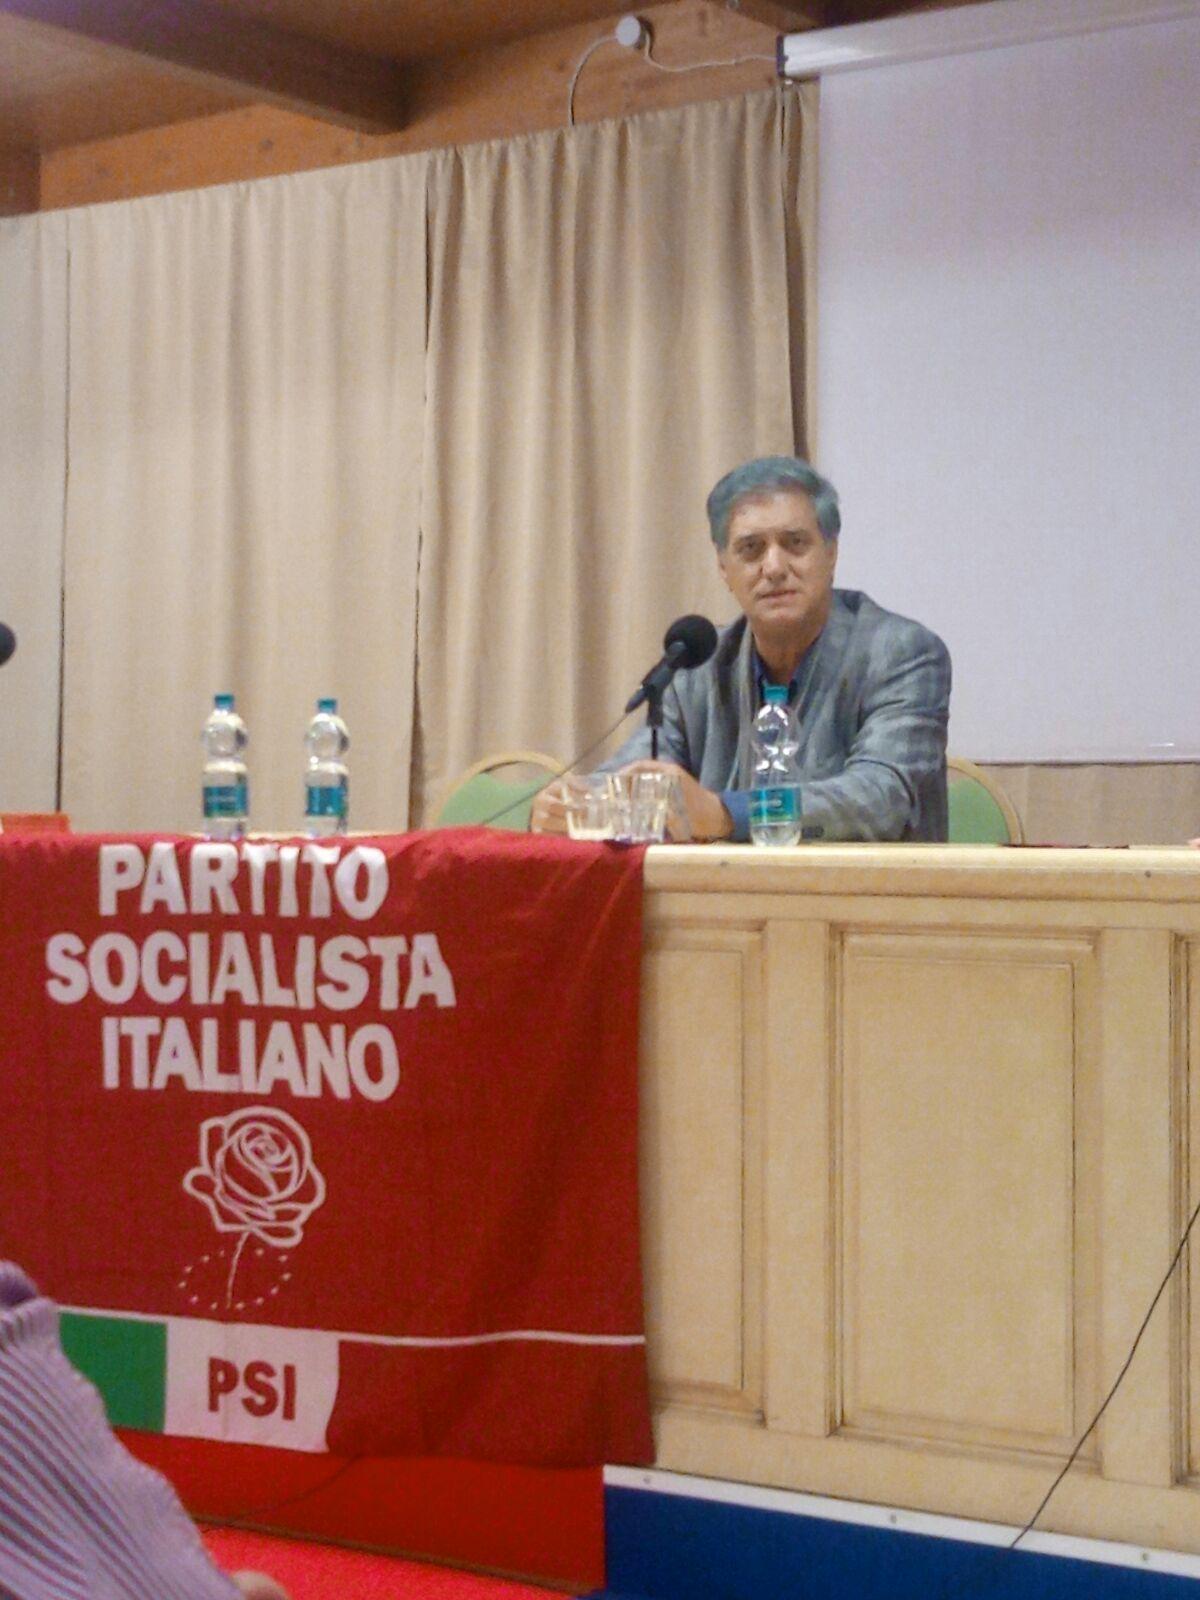 Psi rinnova le cariche, Carlo Bonuccelli coordinatore provinciale